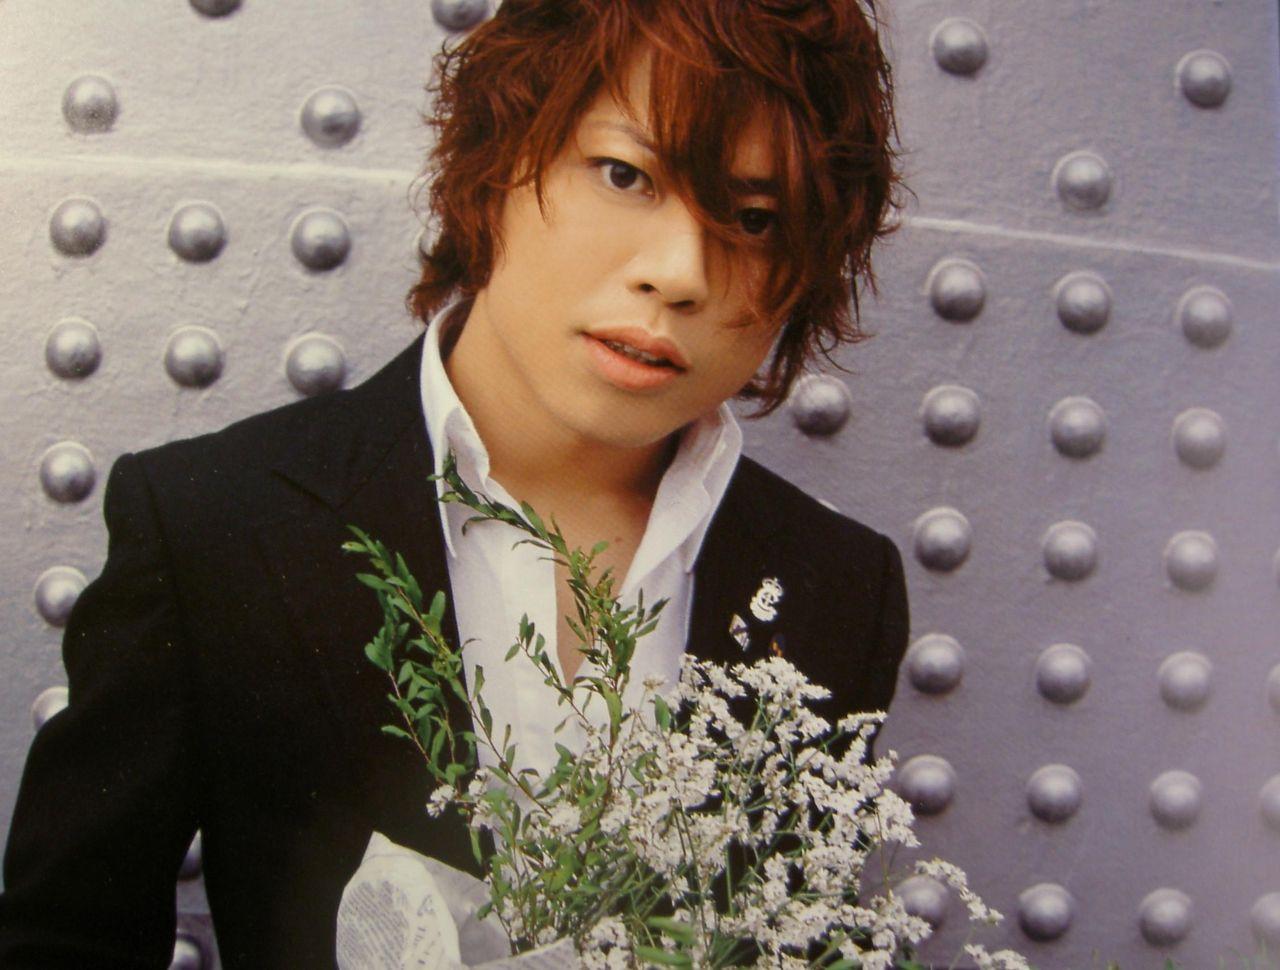 白い花束を持った西川貴教